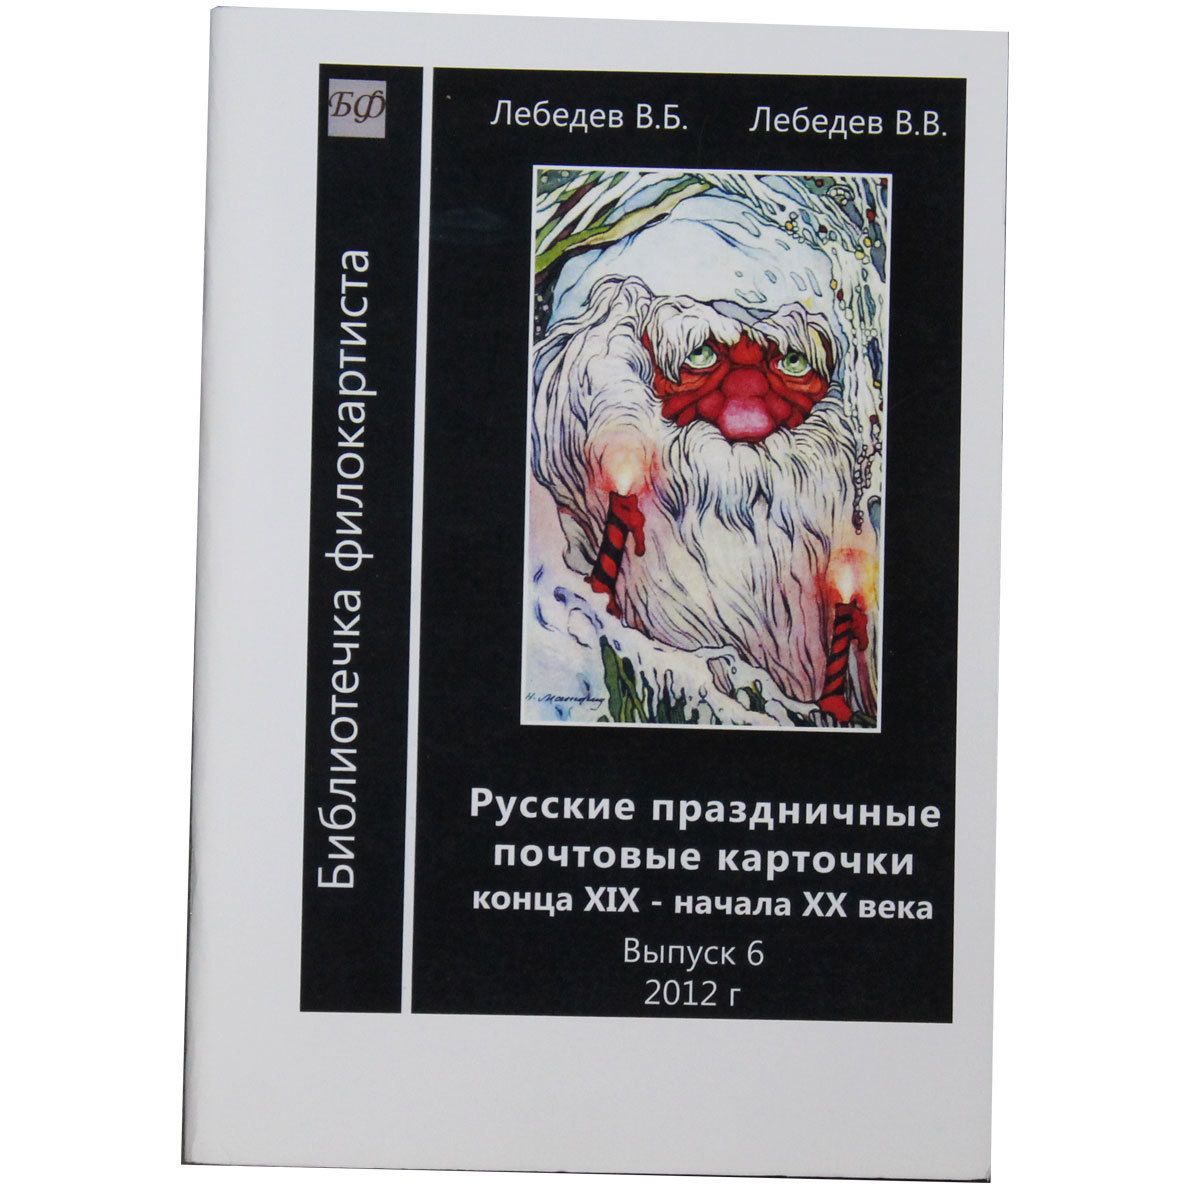 Русские праздничные почтовые карточки выпуск 6 2012